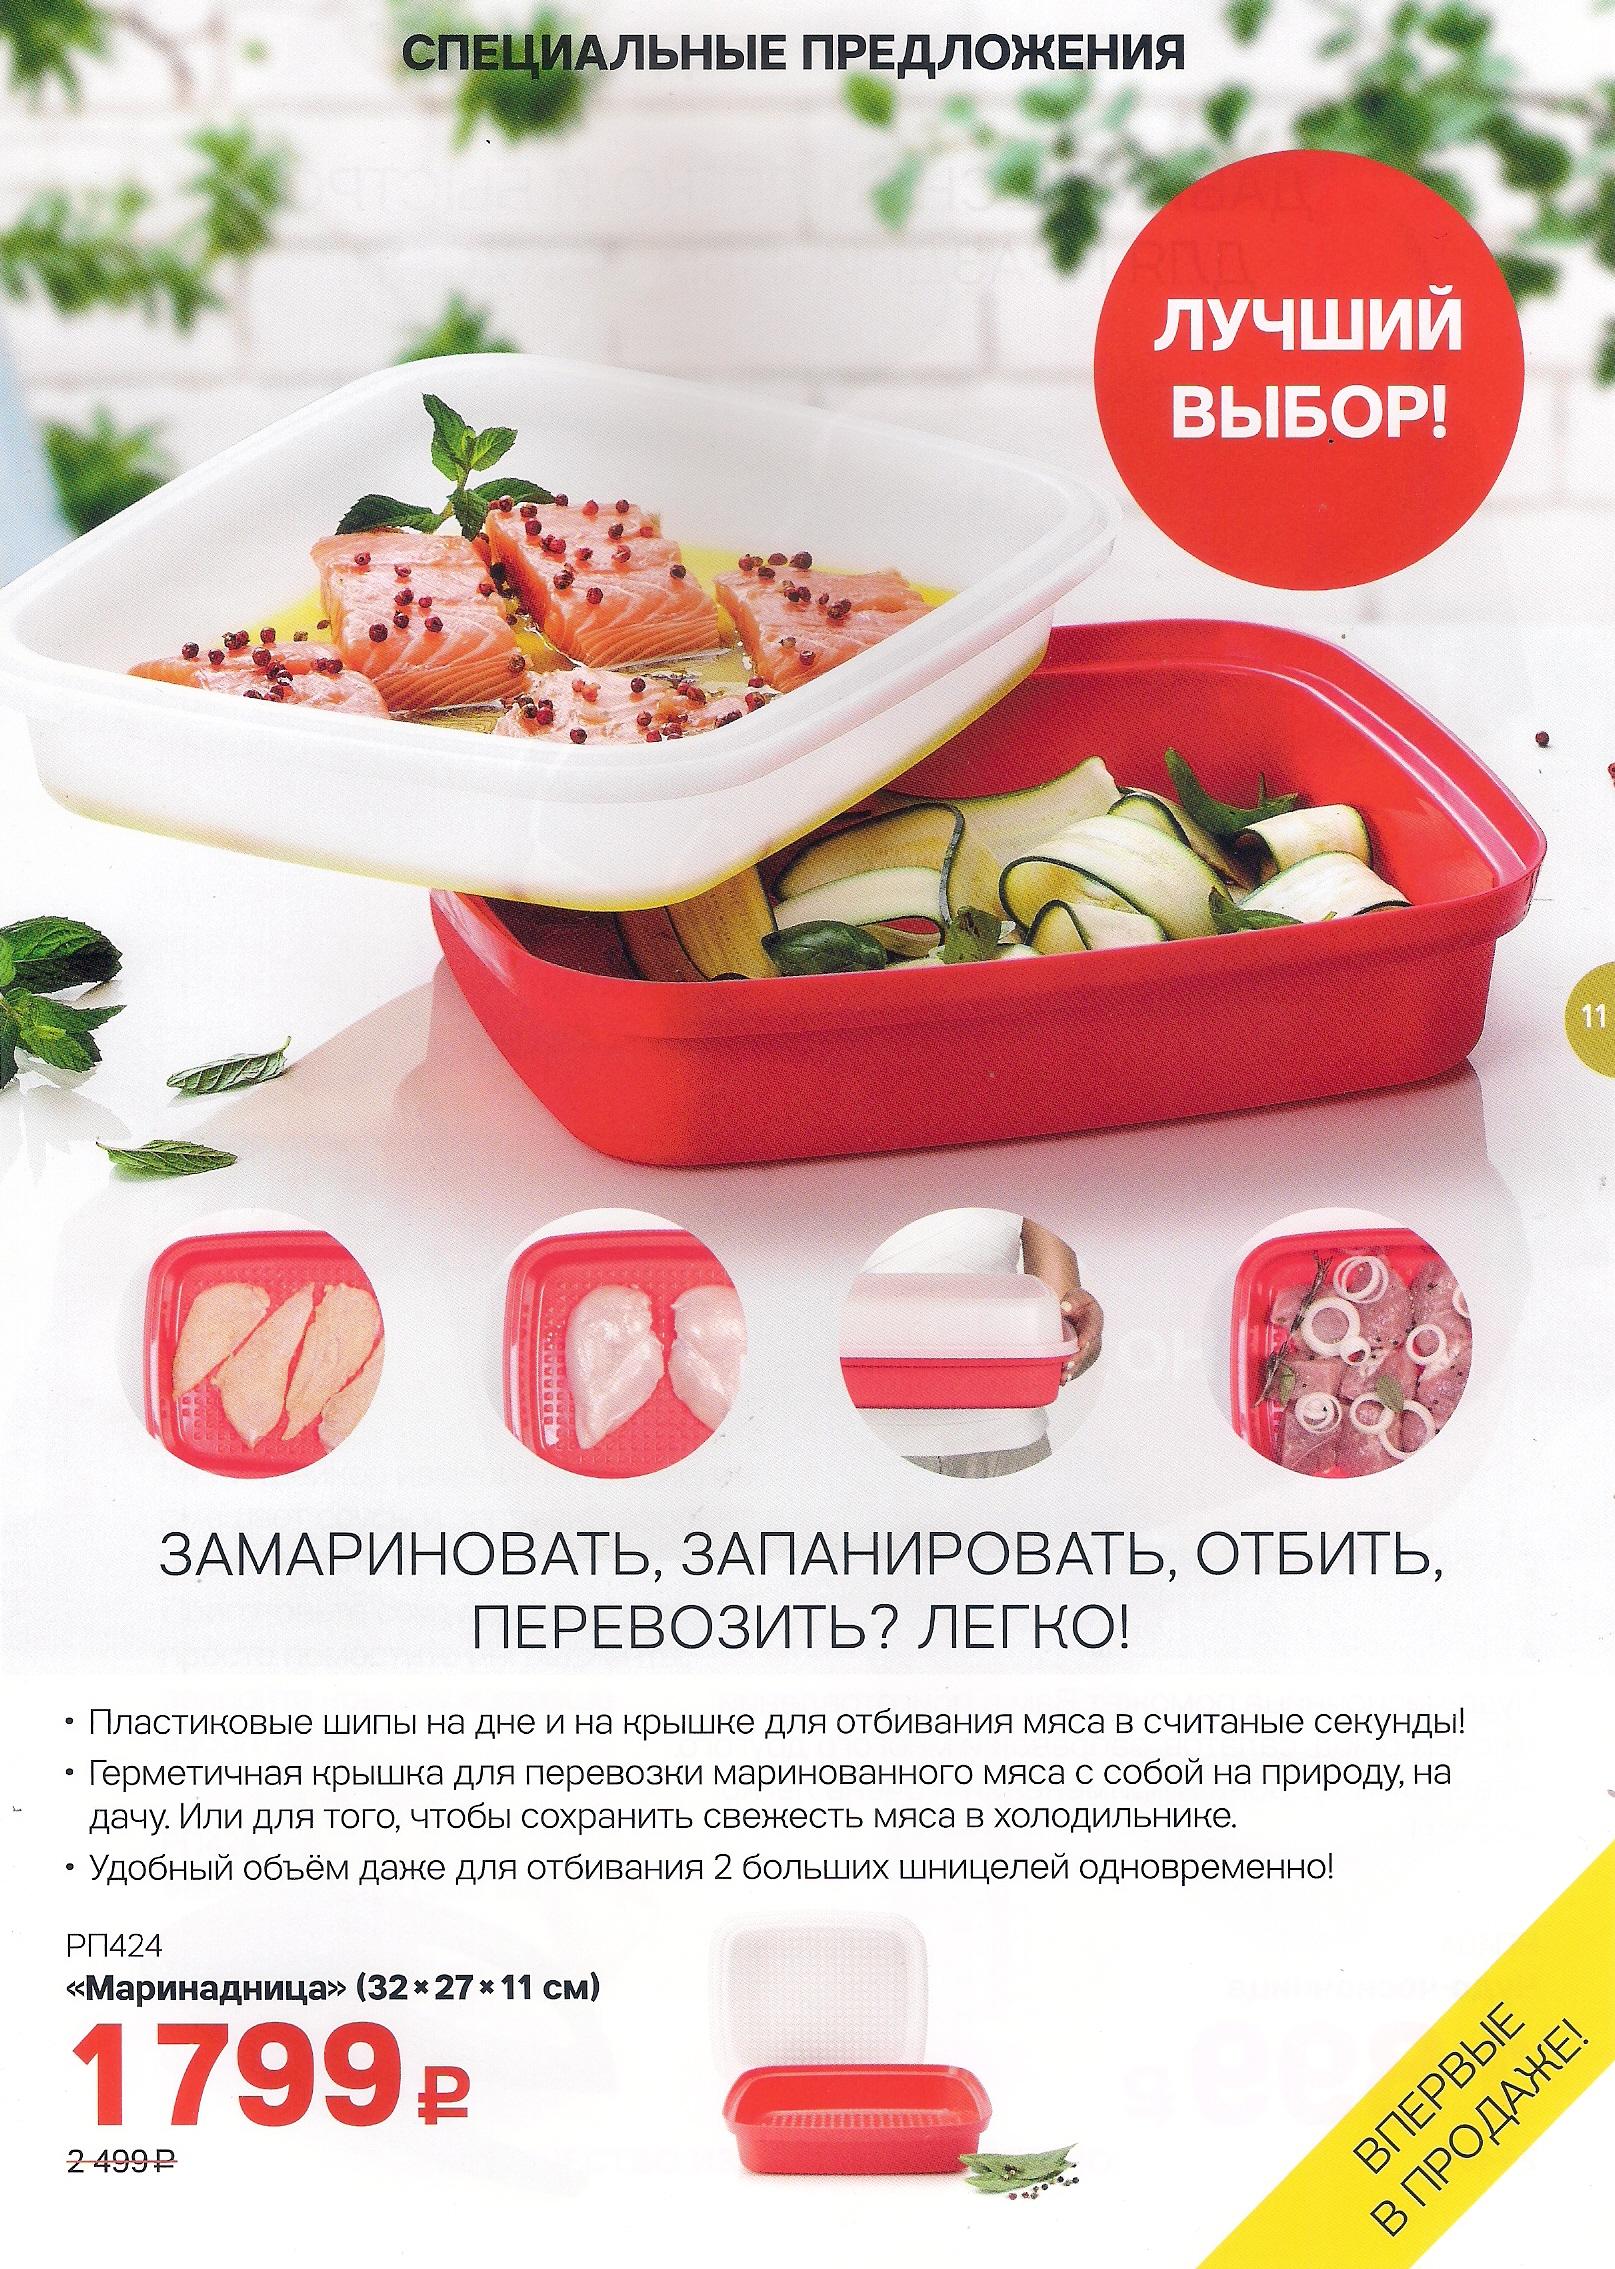 http://tupperware-online.ru/images/upload/10p.jpg